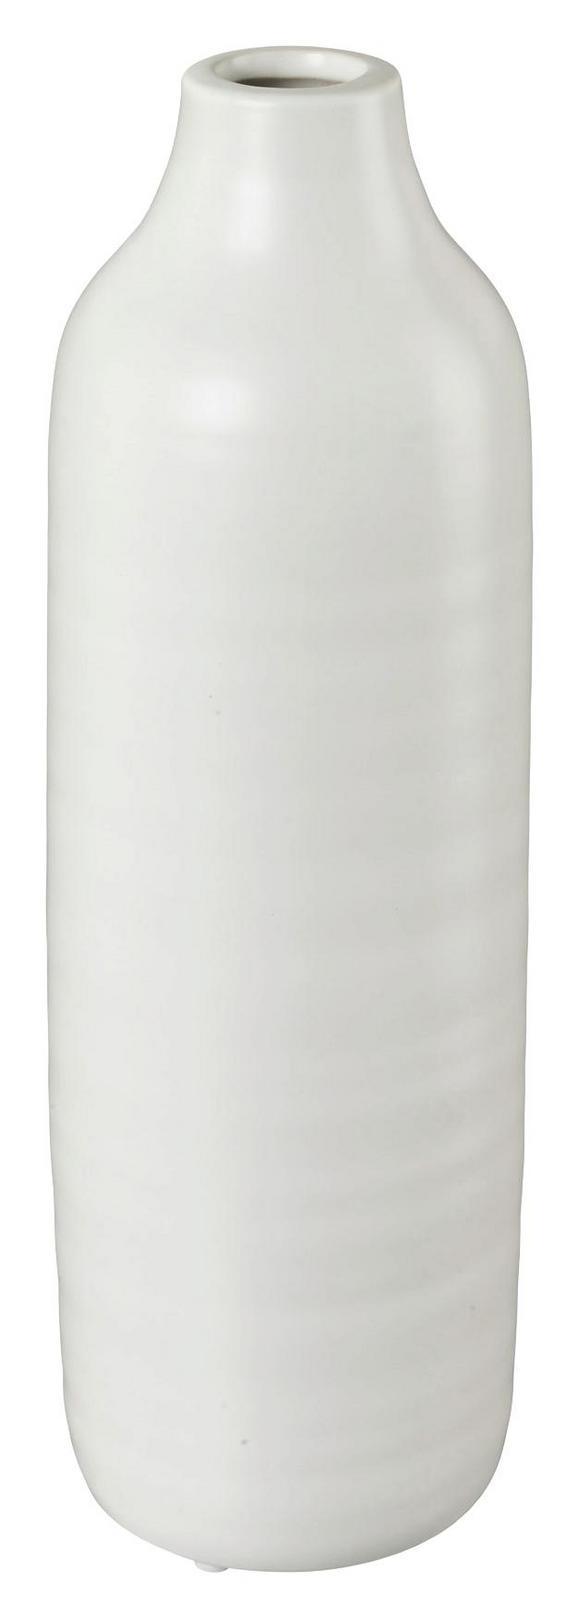 Dekovase Presence Weiß 10x30 cm - Weiß, LIFESTYLE, Keramik (10/30cm)